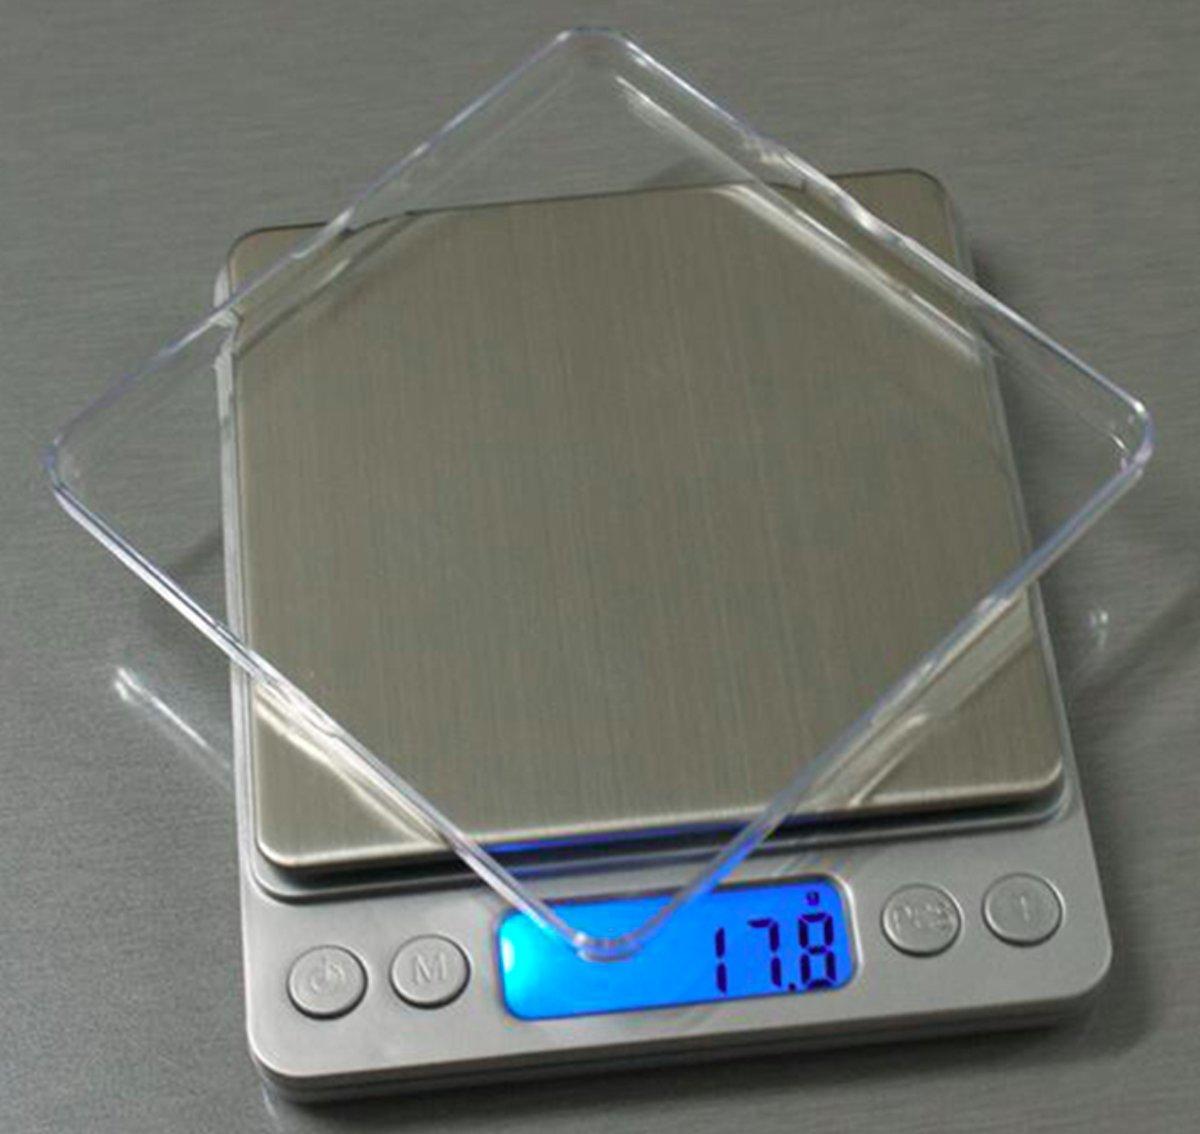 Keukenweegschaal Digitaal met Kom - RVS Precisie Weegschaal tot 500g x 0.01g